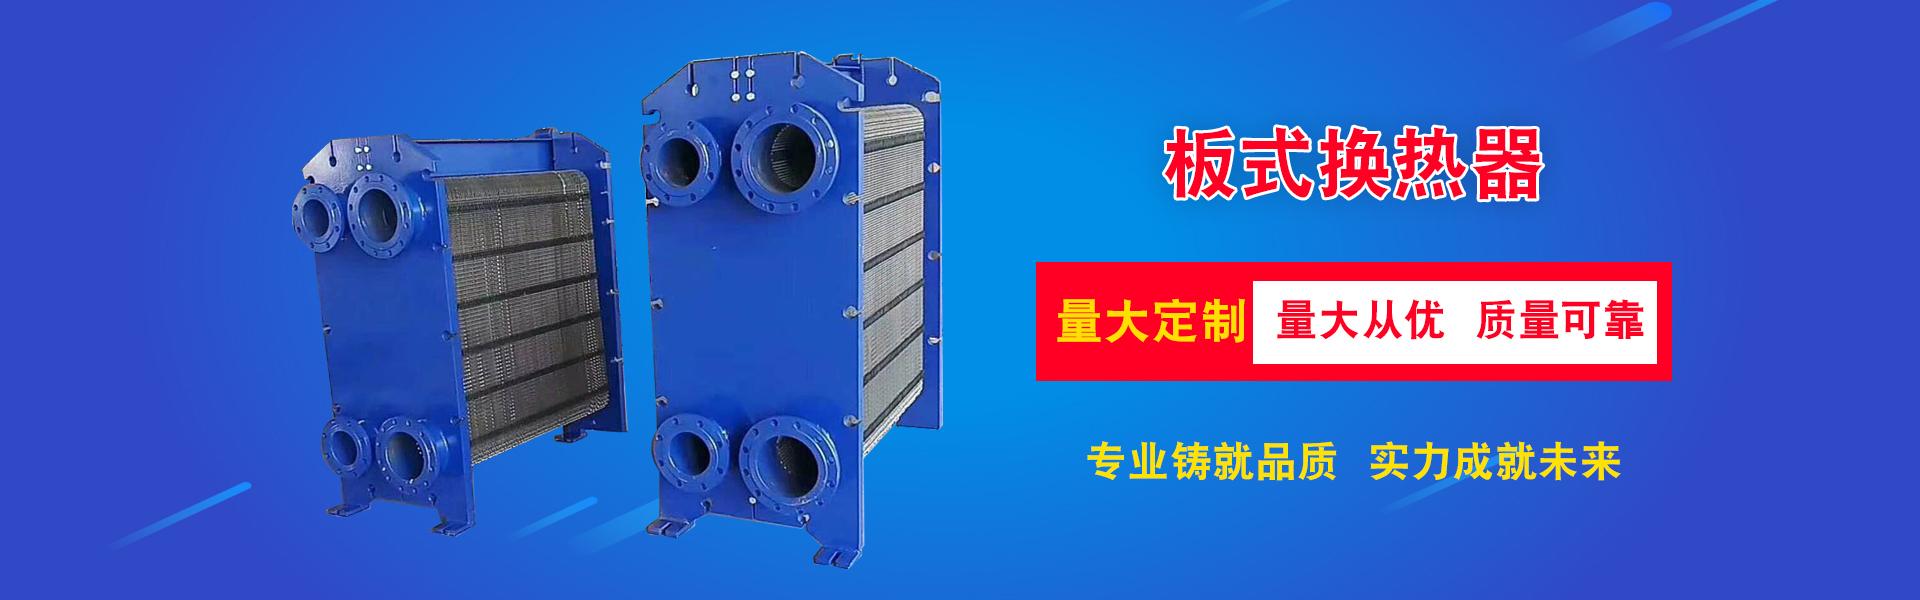 威海板式换热器